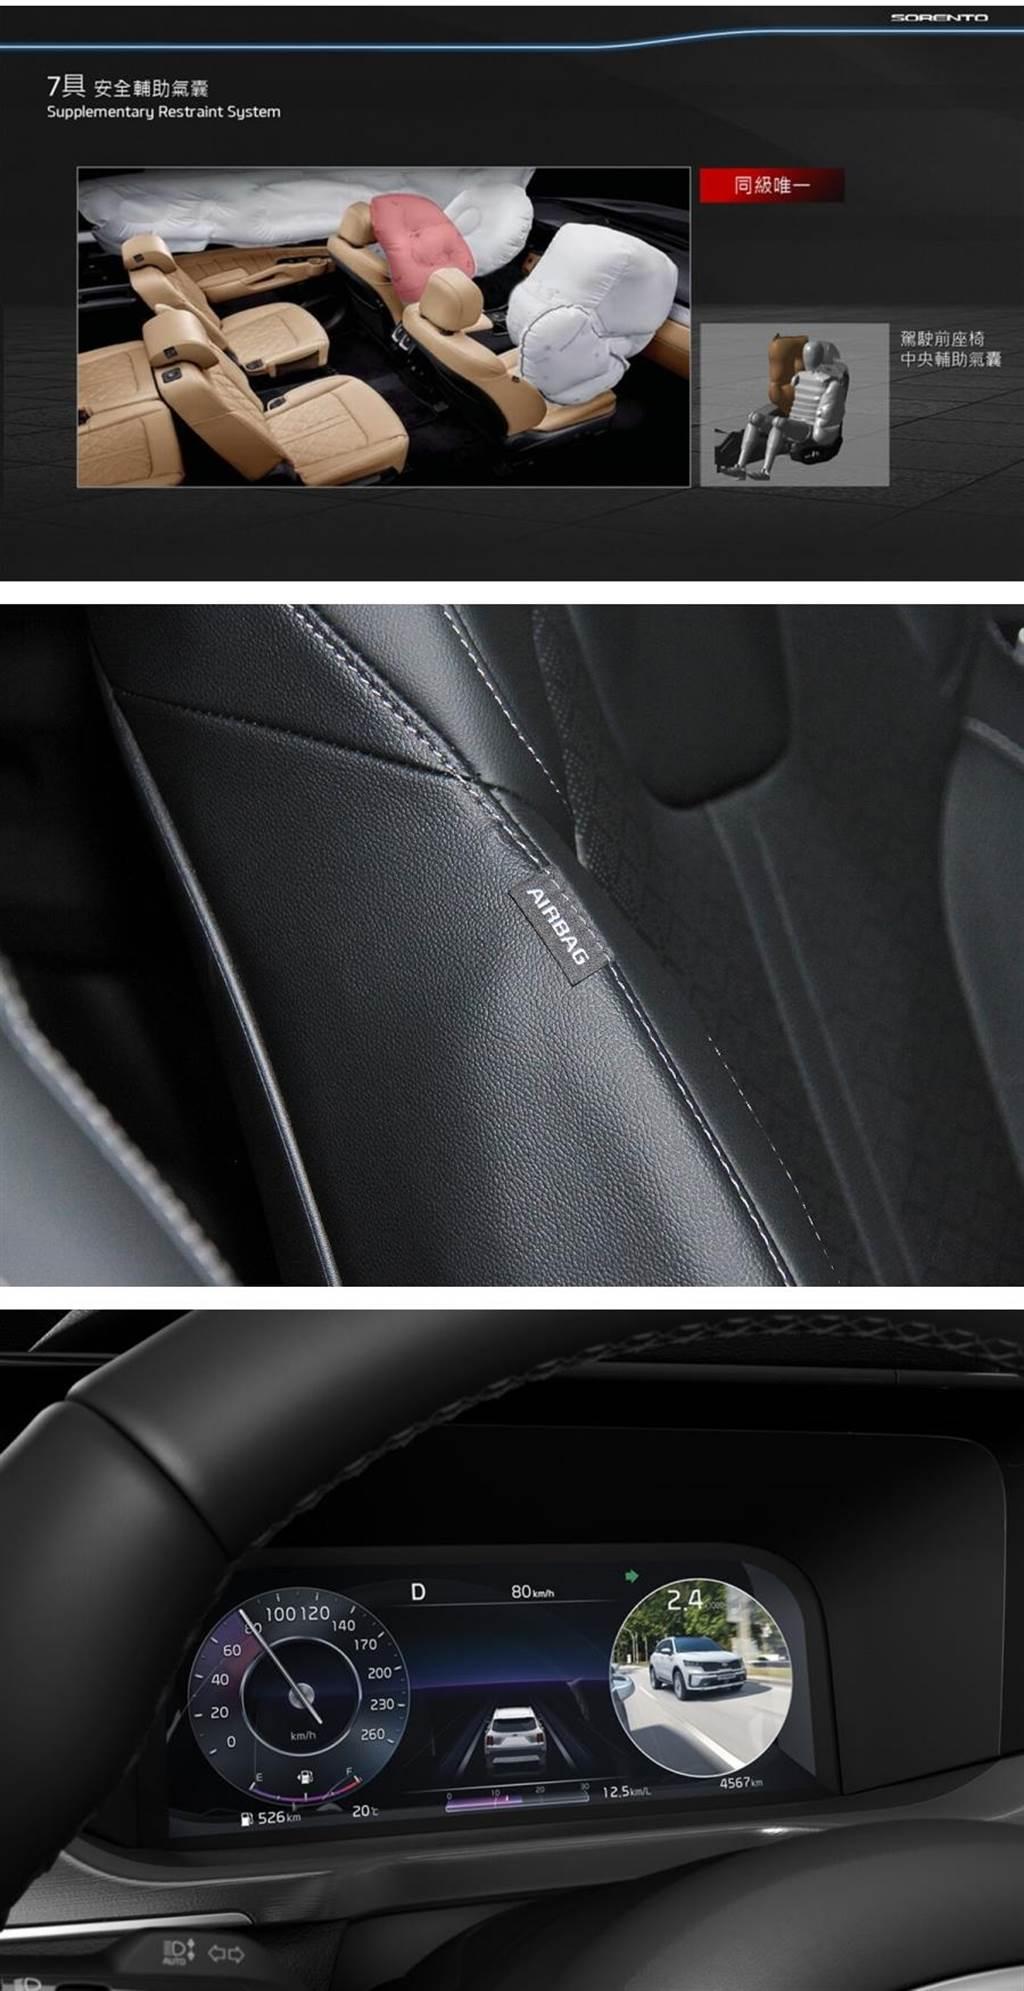 BVM盲區顯影輔助系統(旗艦版AWD車型均為標配)特別在駕駛視野範圍內顯示,並與轉向信號燈連結,可分別在數位駕駛儀錶的兩個大圓中,短暫地取代車速錶或轉速錶顯示,是一項終結馬路三寶的安全好配備。